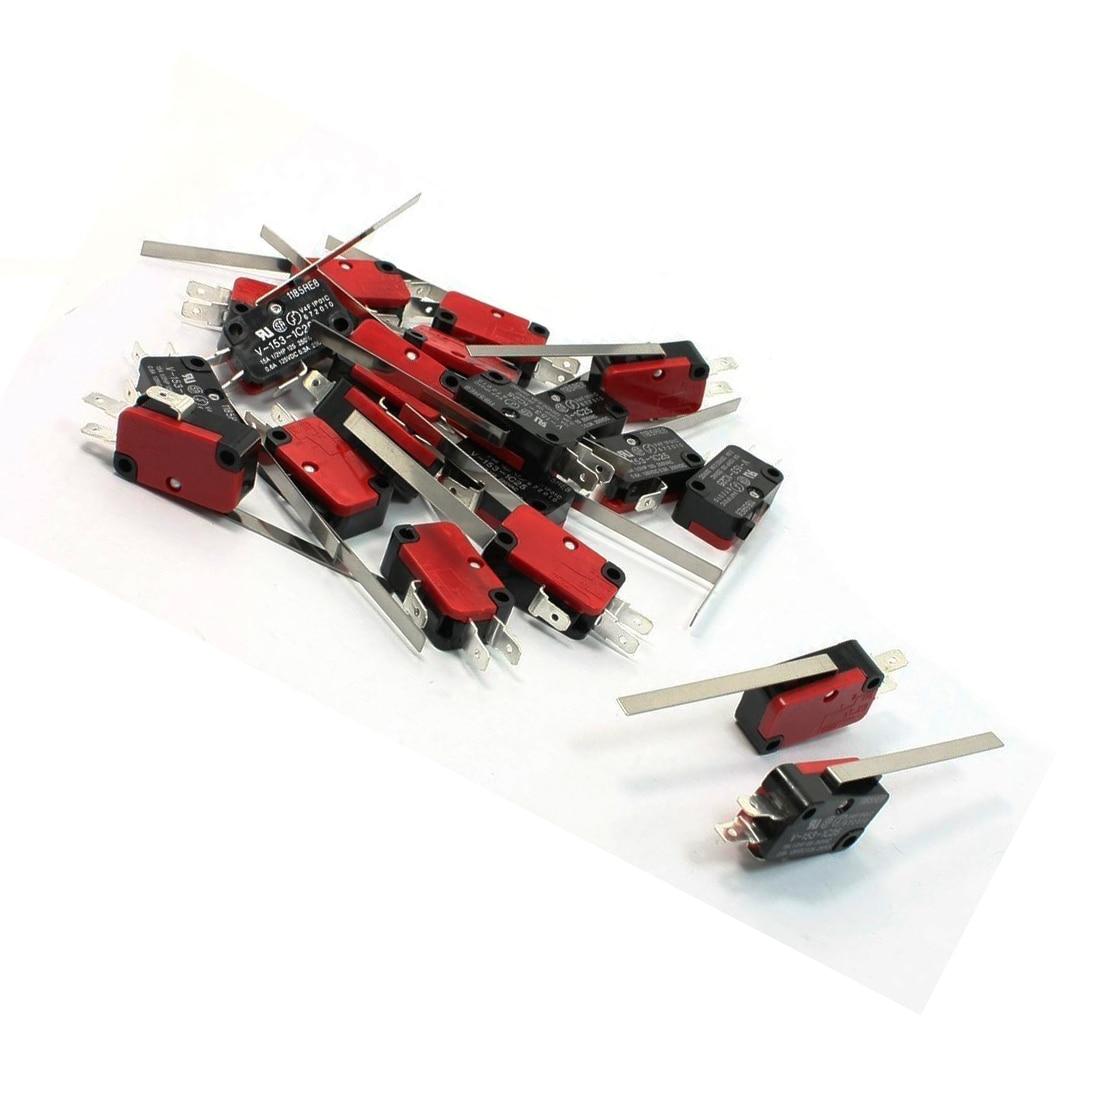 CNIM Chaude 20 PCS SPDT 3 Broches Longue Ligne Droite Charnière Levier Momentané V-153-1C25 Micro Interrupteur Rouge + Noir